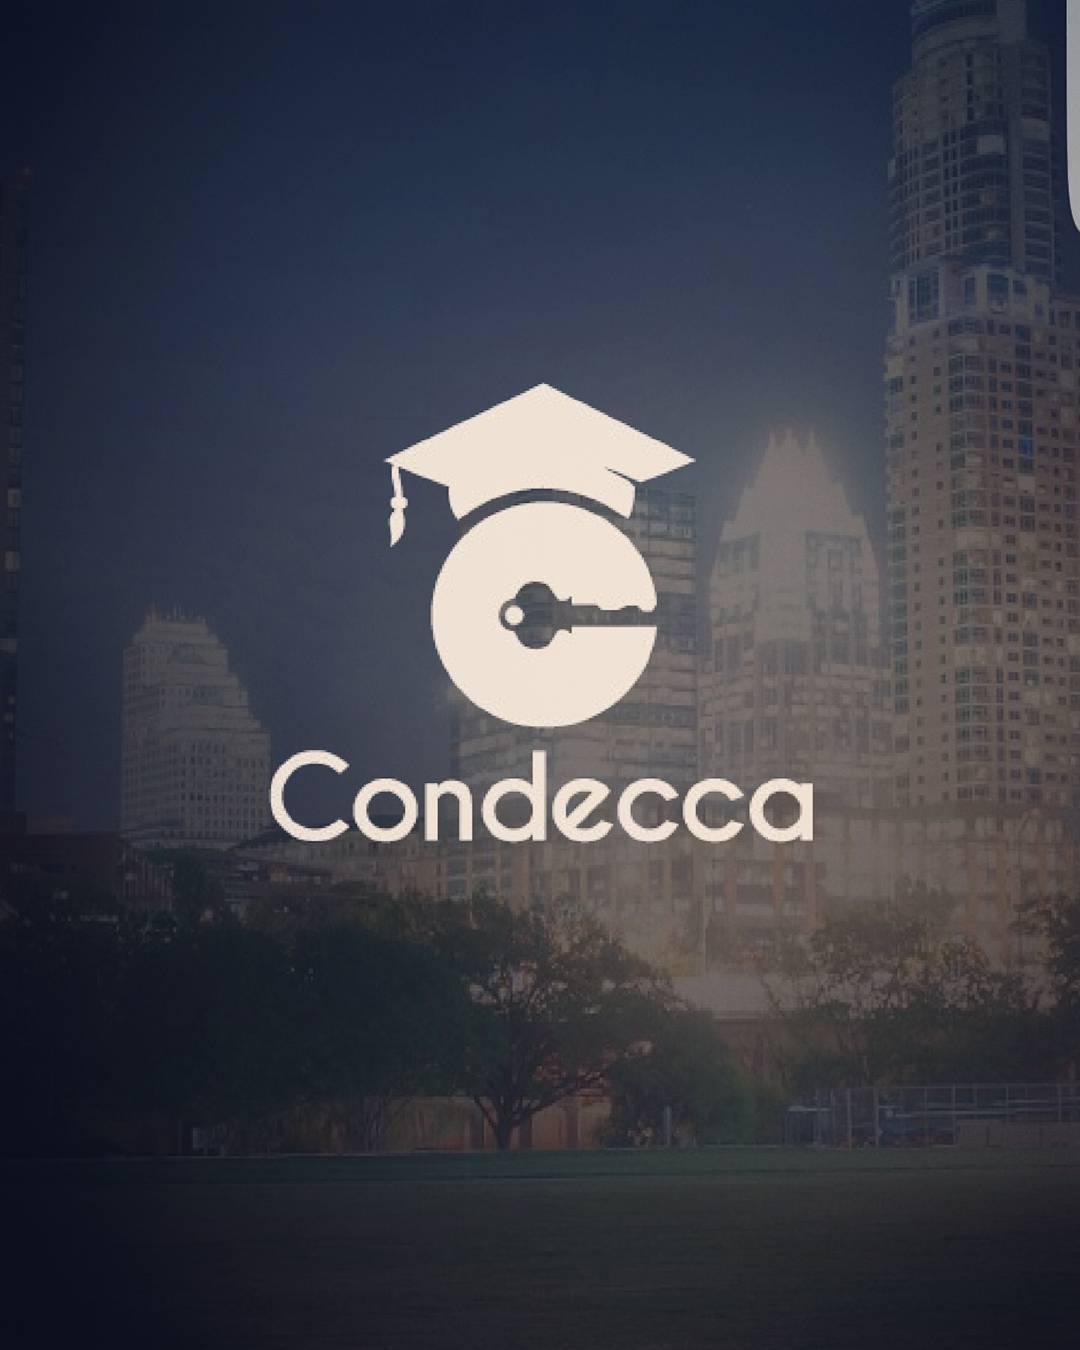 condecca-2